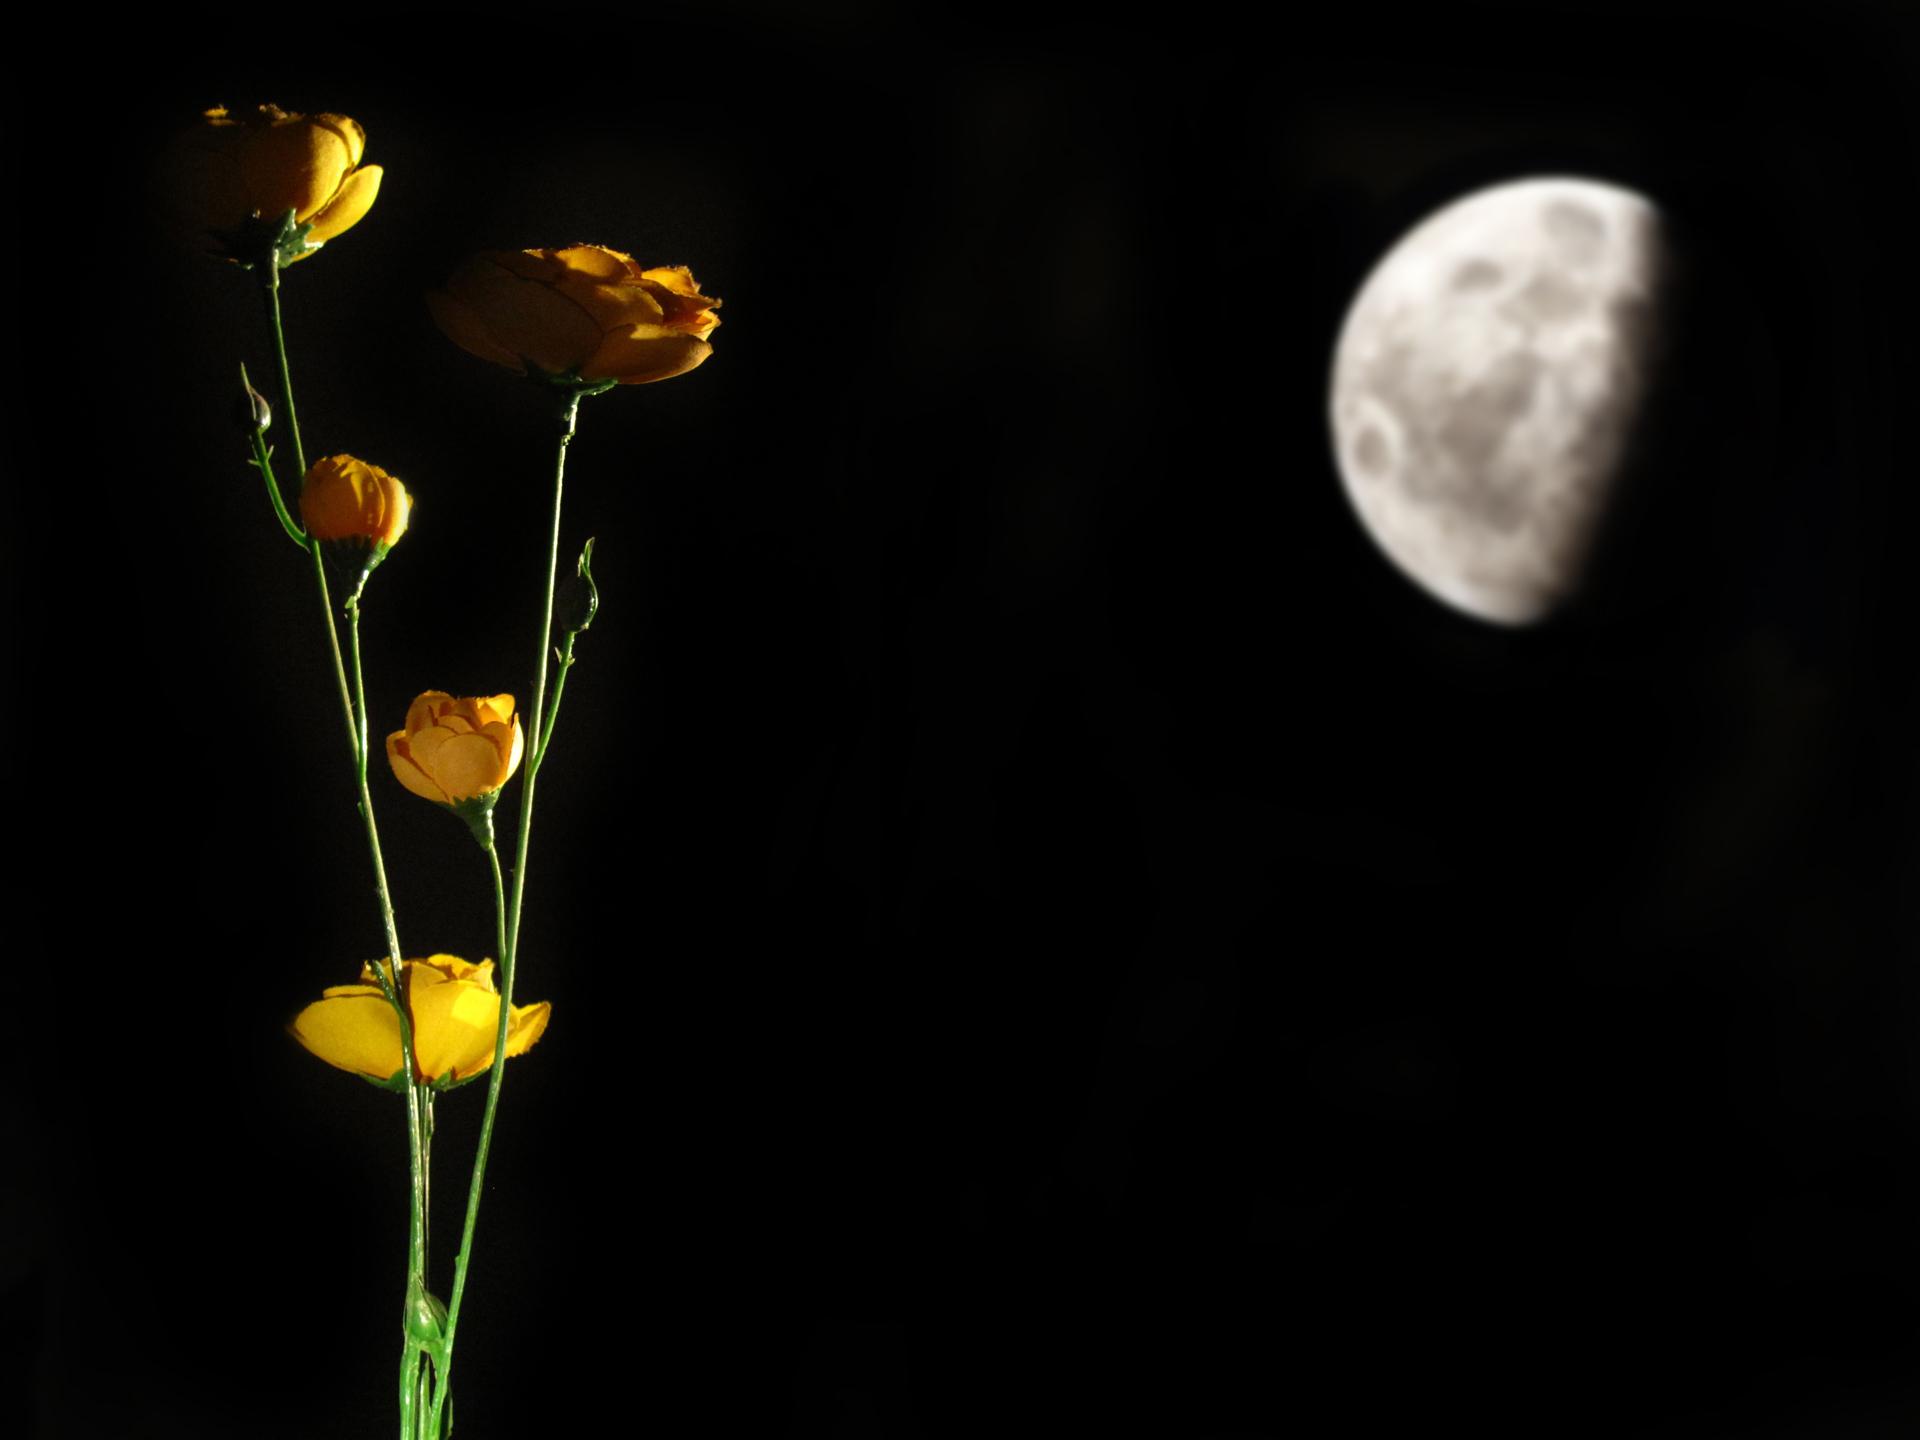 מוכה ירח - אור הירח - פטיפון - תקליט - פינק פלוייד - יואל שתרוג - אדמה יוצרת - yoel sitruk